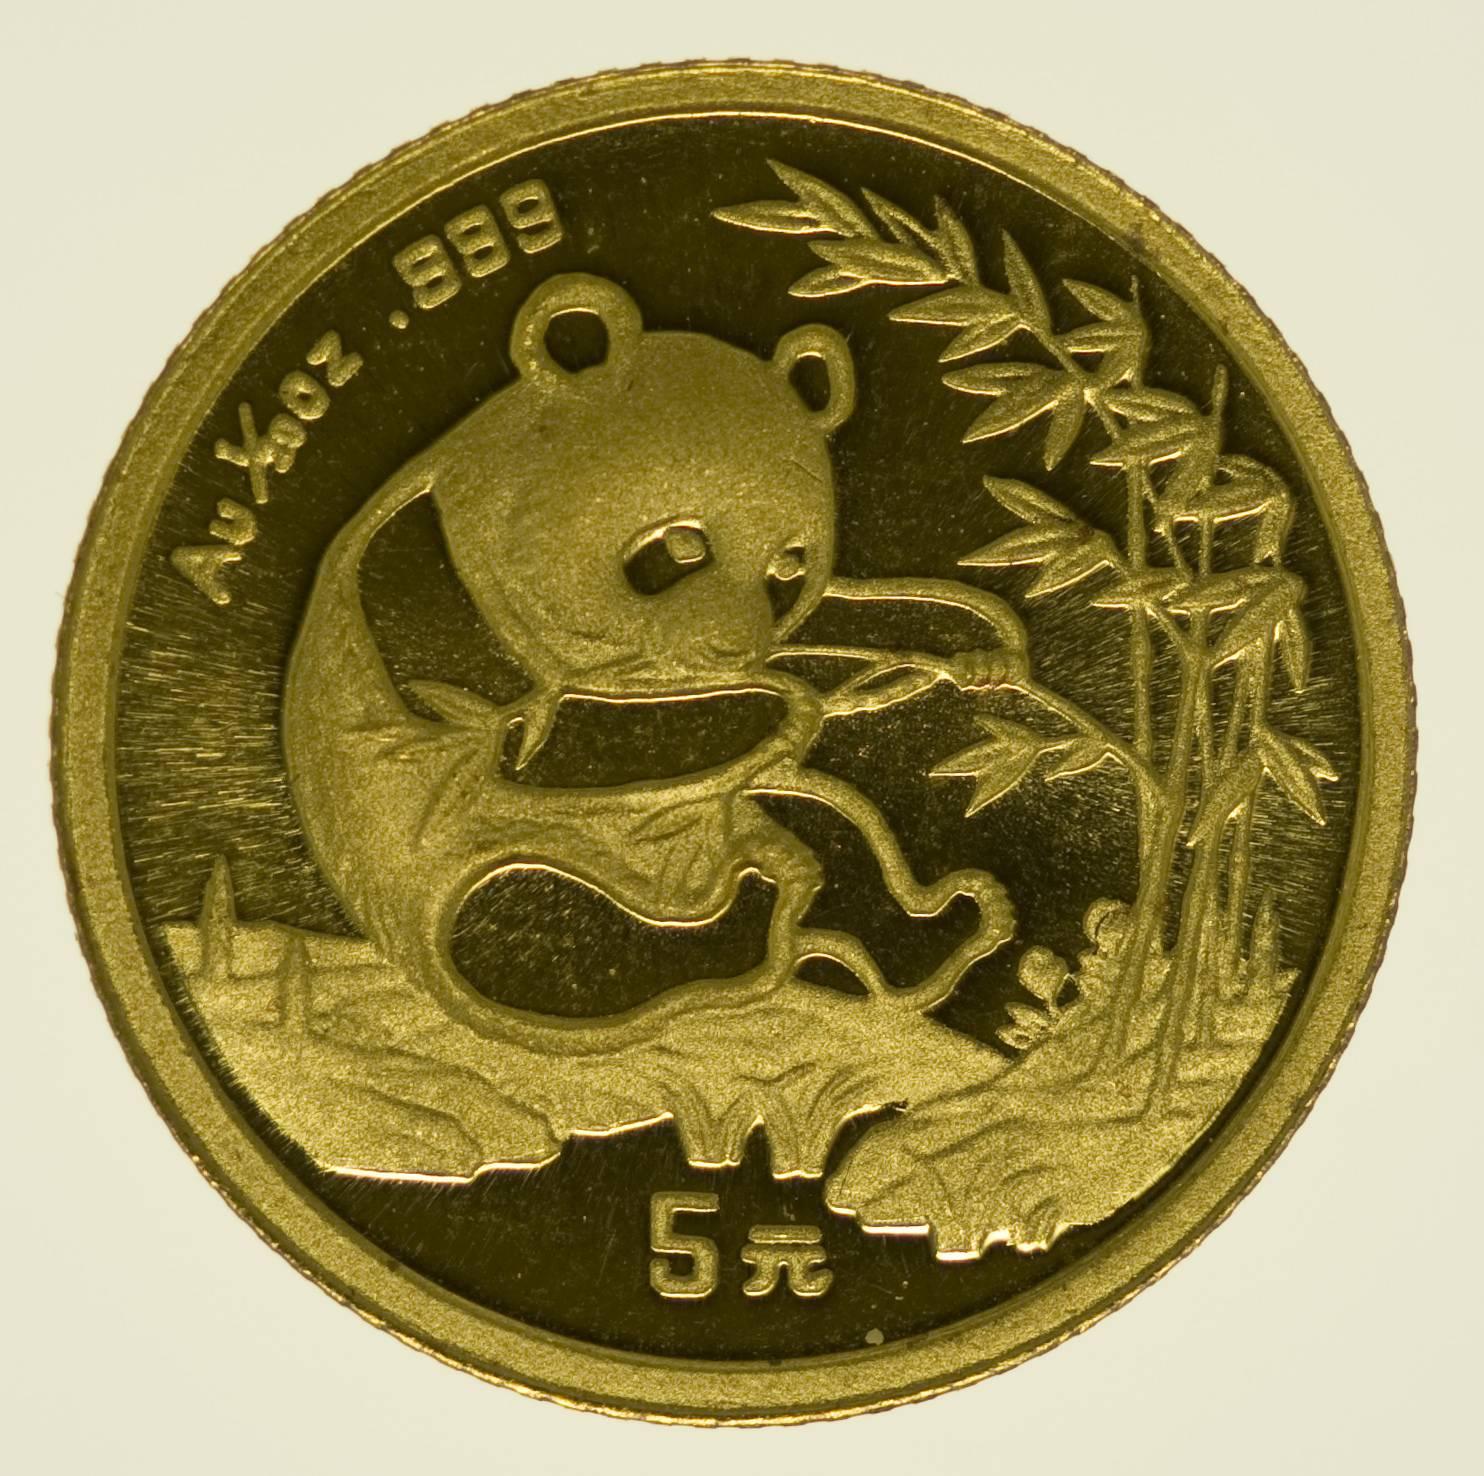 1/20 Unze Goldmünze China Panda 1994 5 Yuan 1,56 Gramm fein Gold RAR